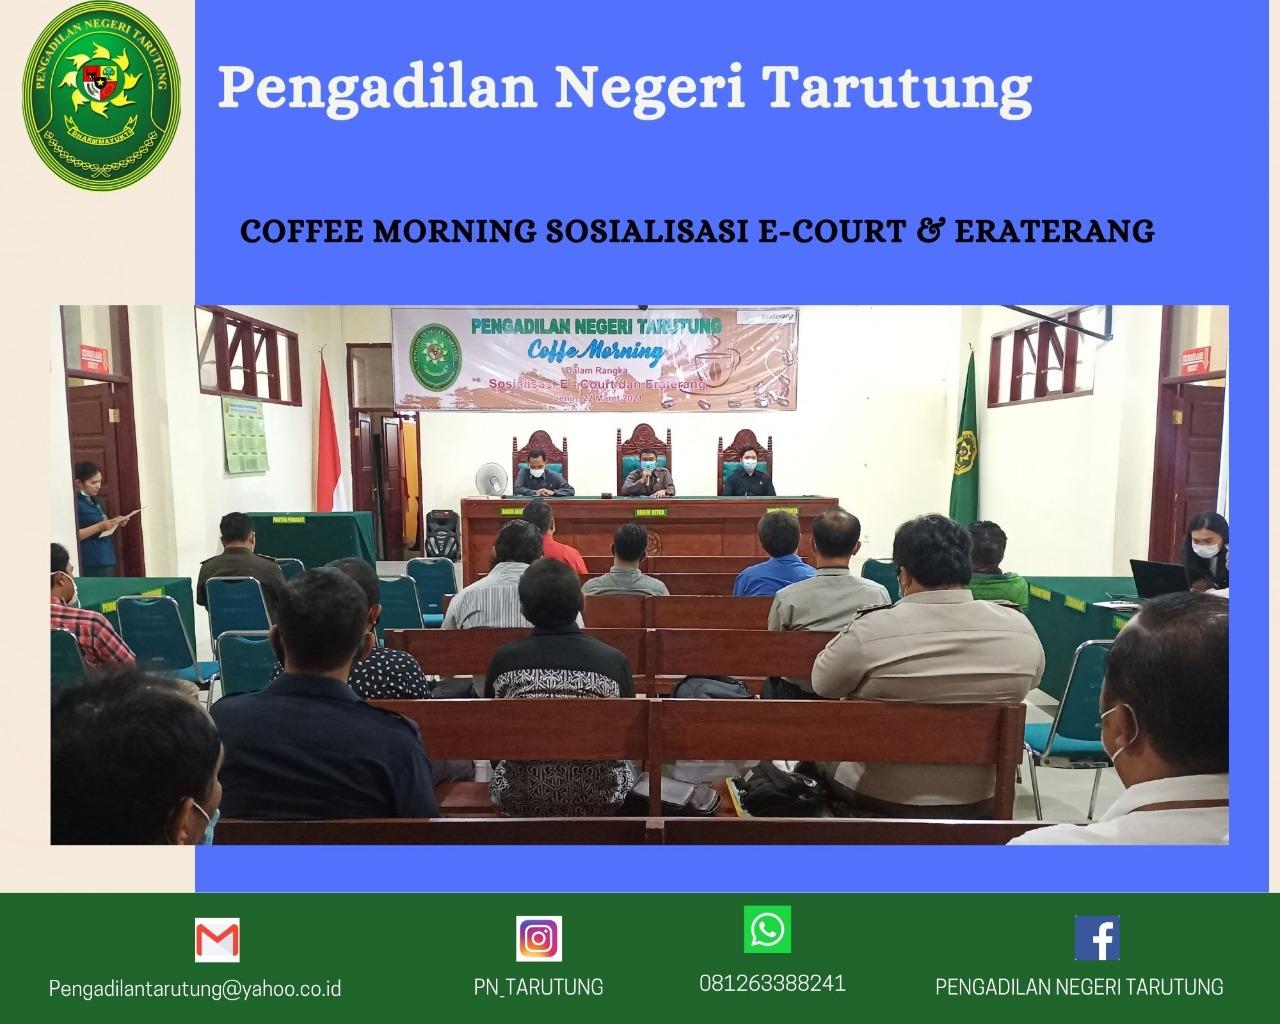 Coffee Morning Dalam Rangka Sosialisasi E-Court dan Eraterang